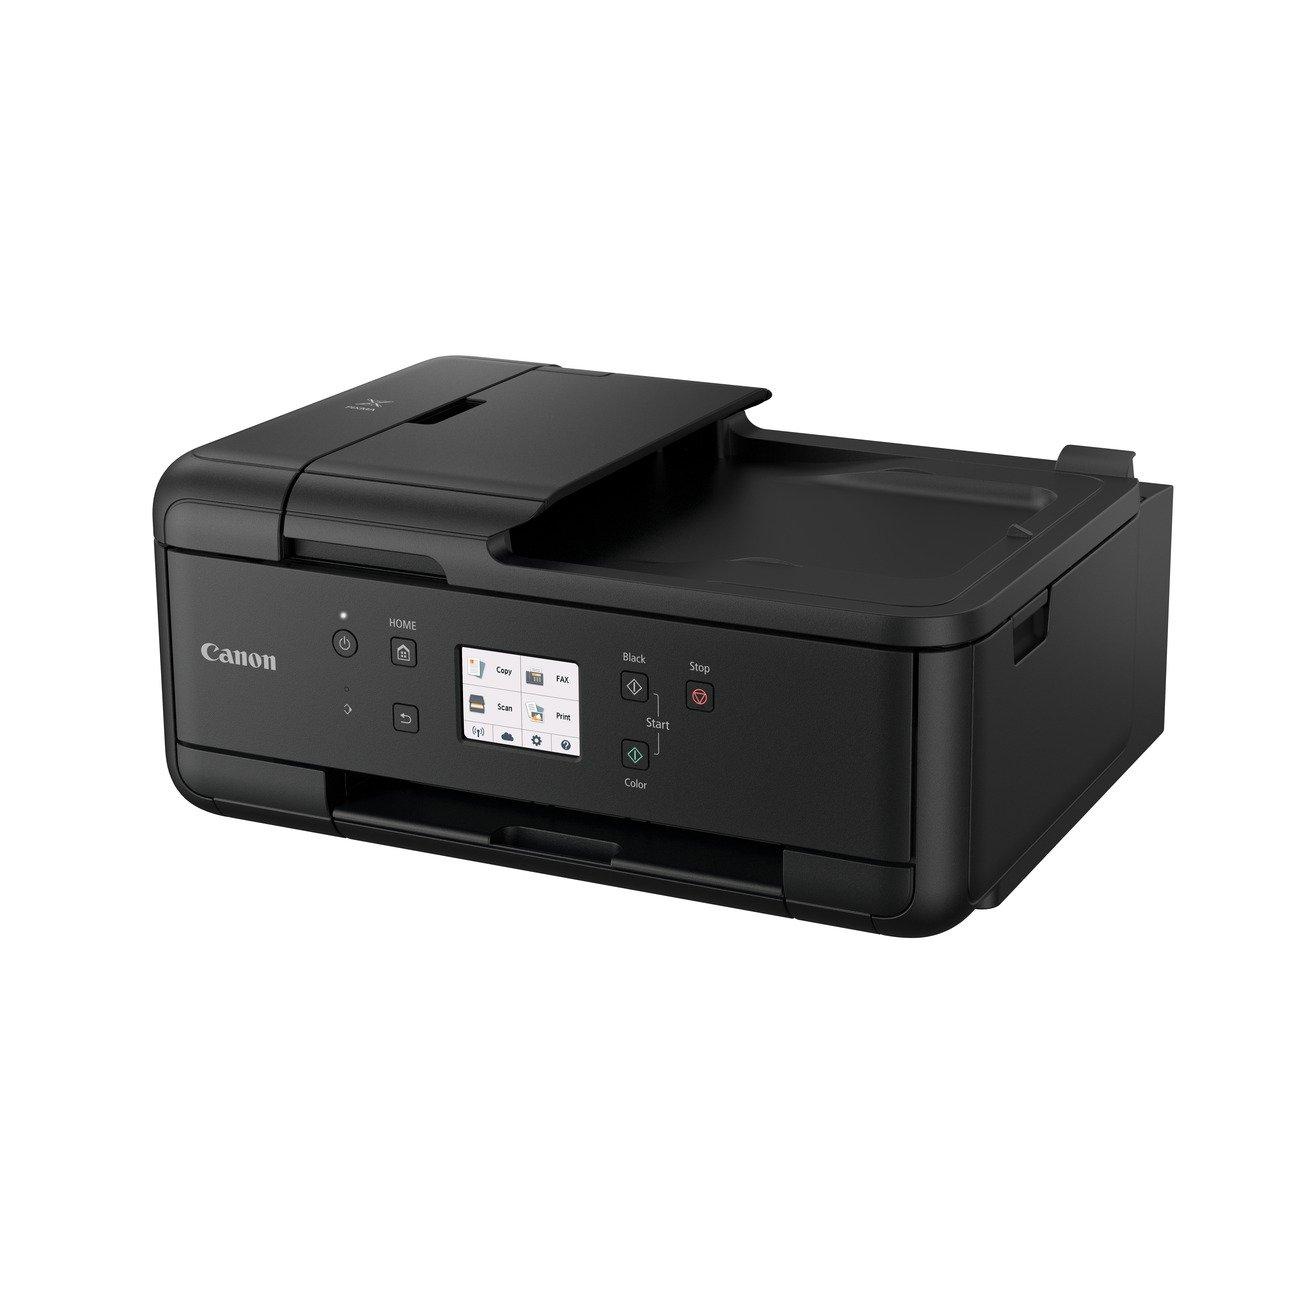 Impresora Multifuncional Canon PIXMA TR7550 Negra Wifi de inyección de tinta con Fax y ADF